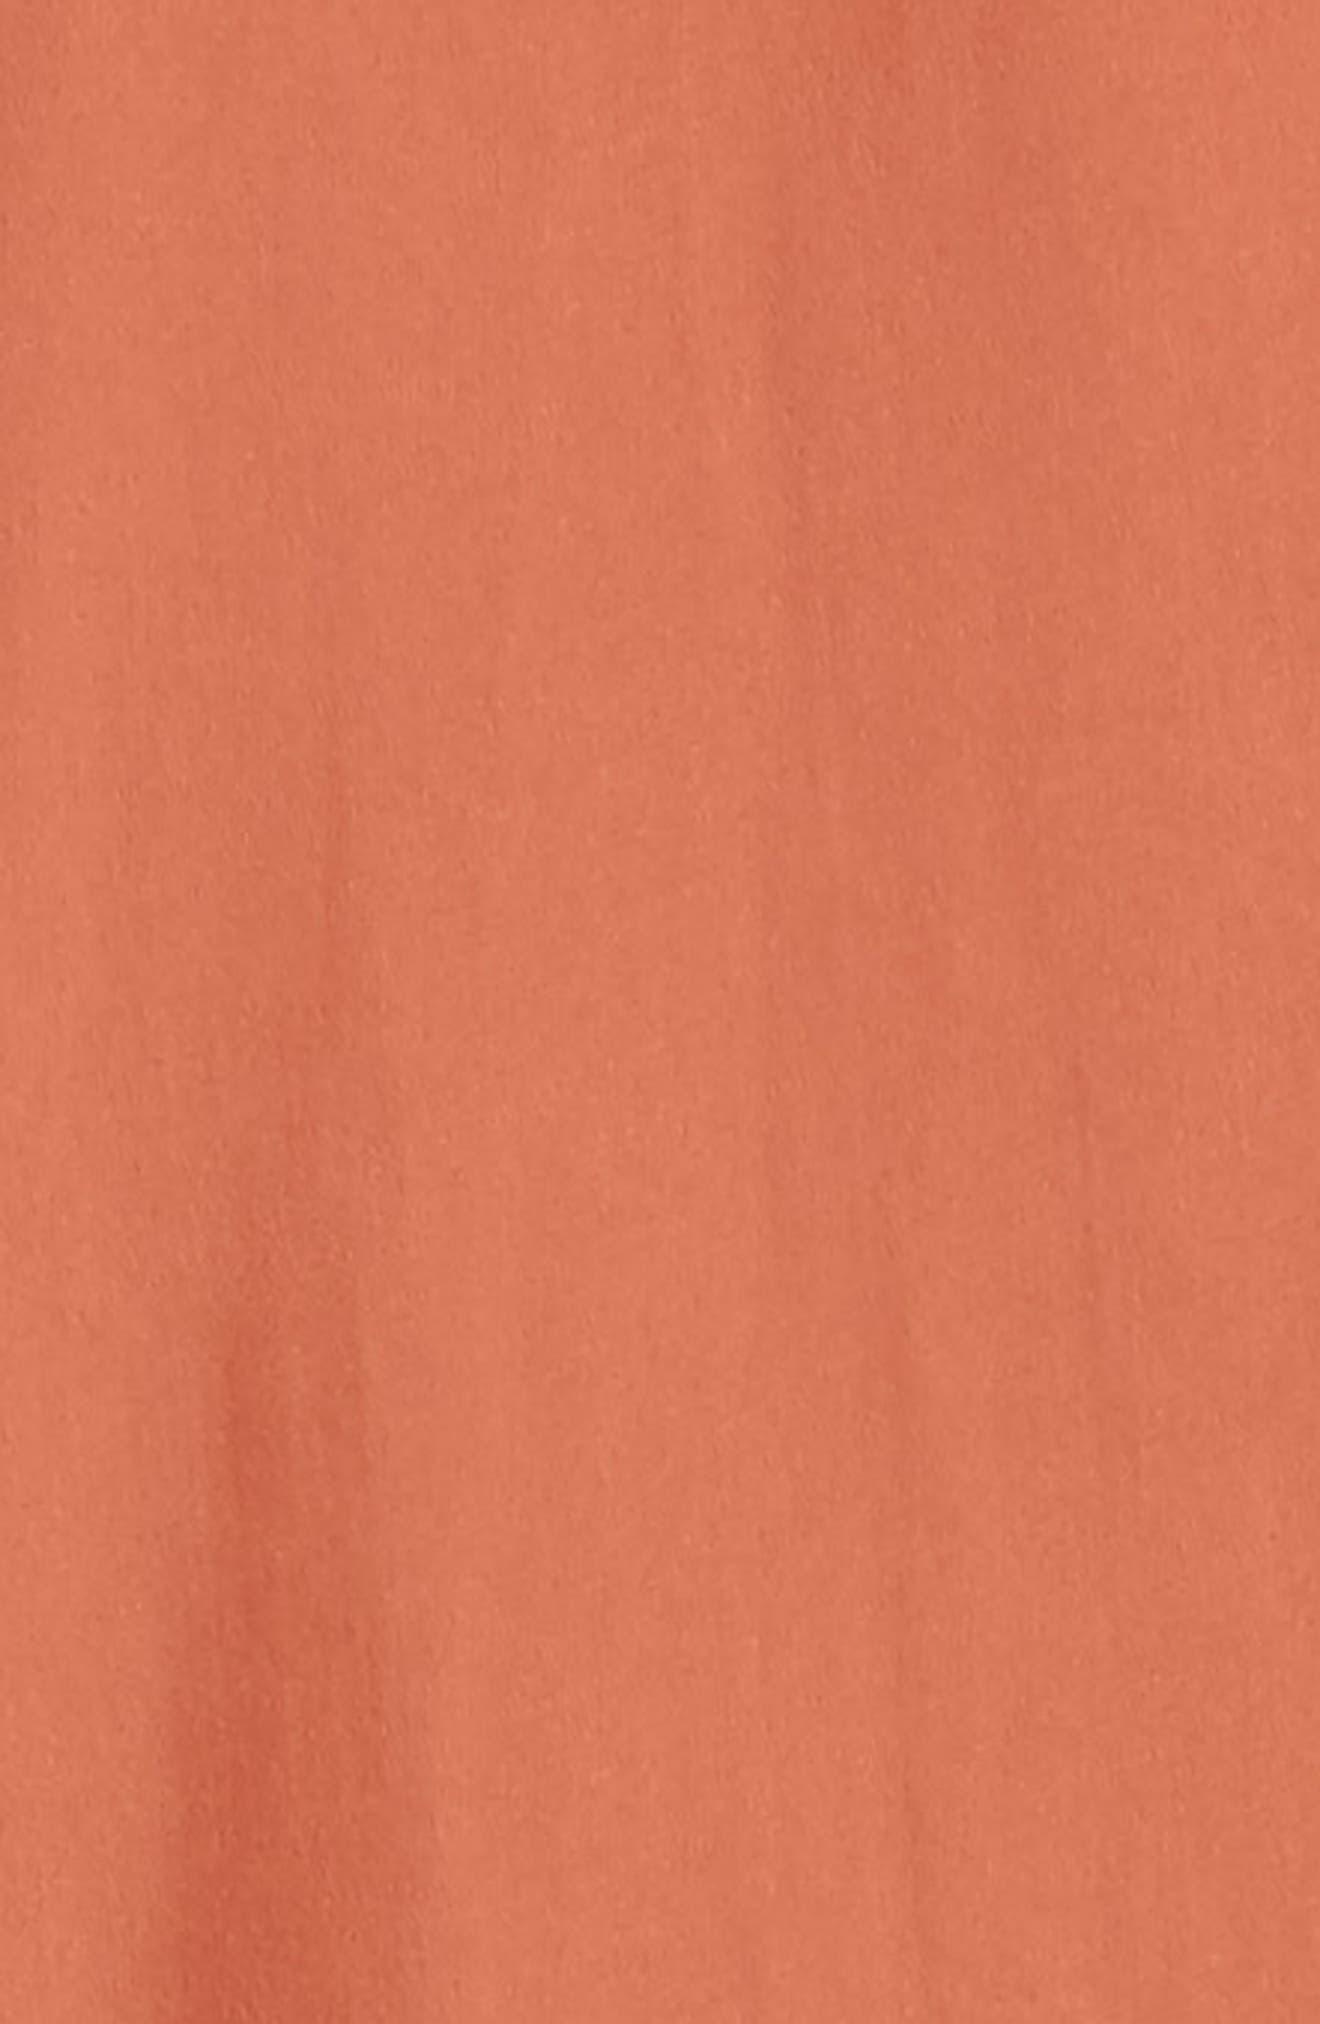 Drape Drift Dress,                             Alternate thumbnail 5, color,                             800